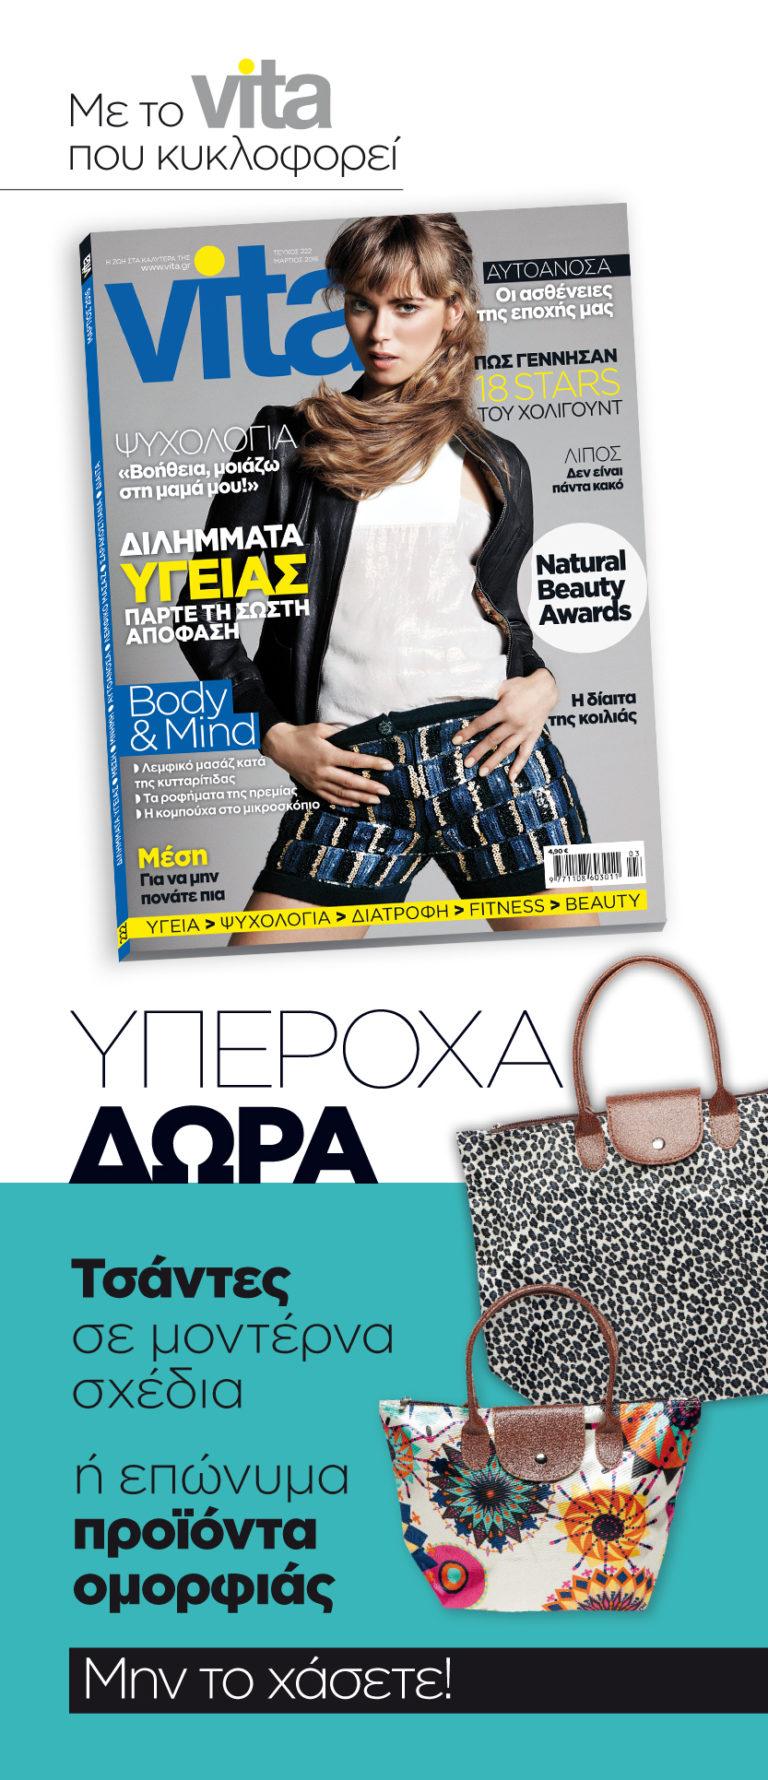 exofilo222 | vita.gr